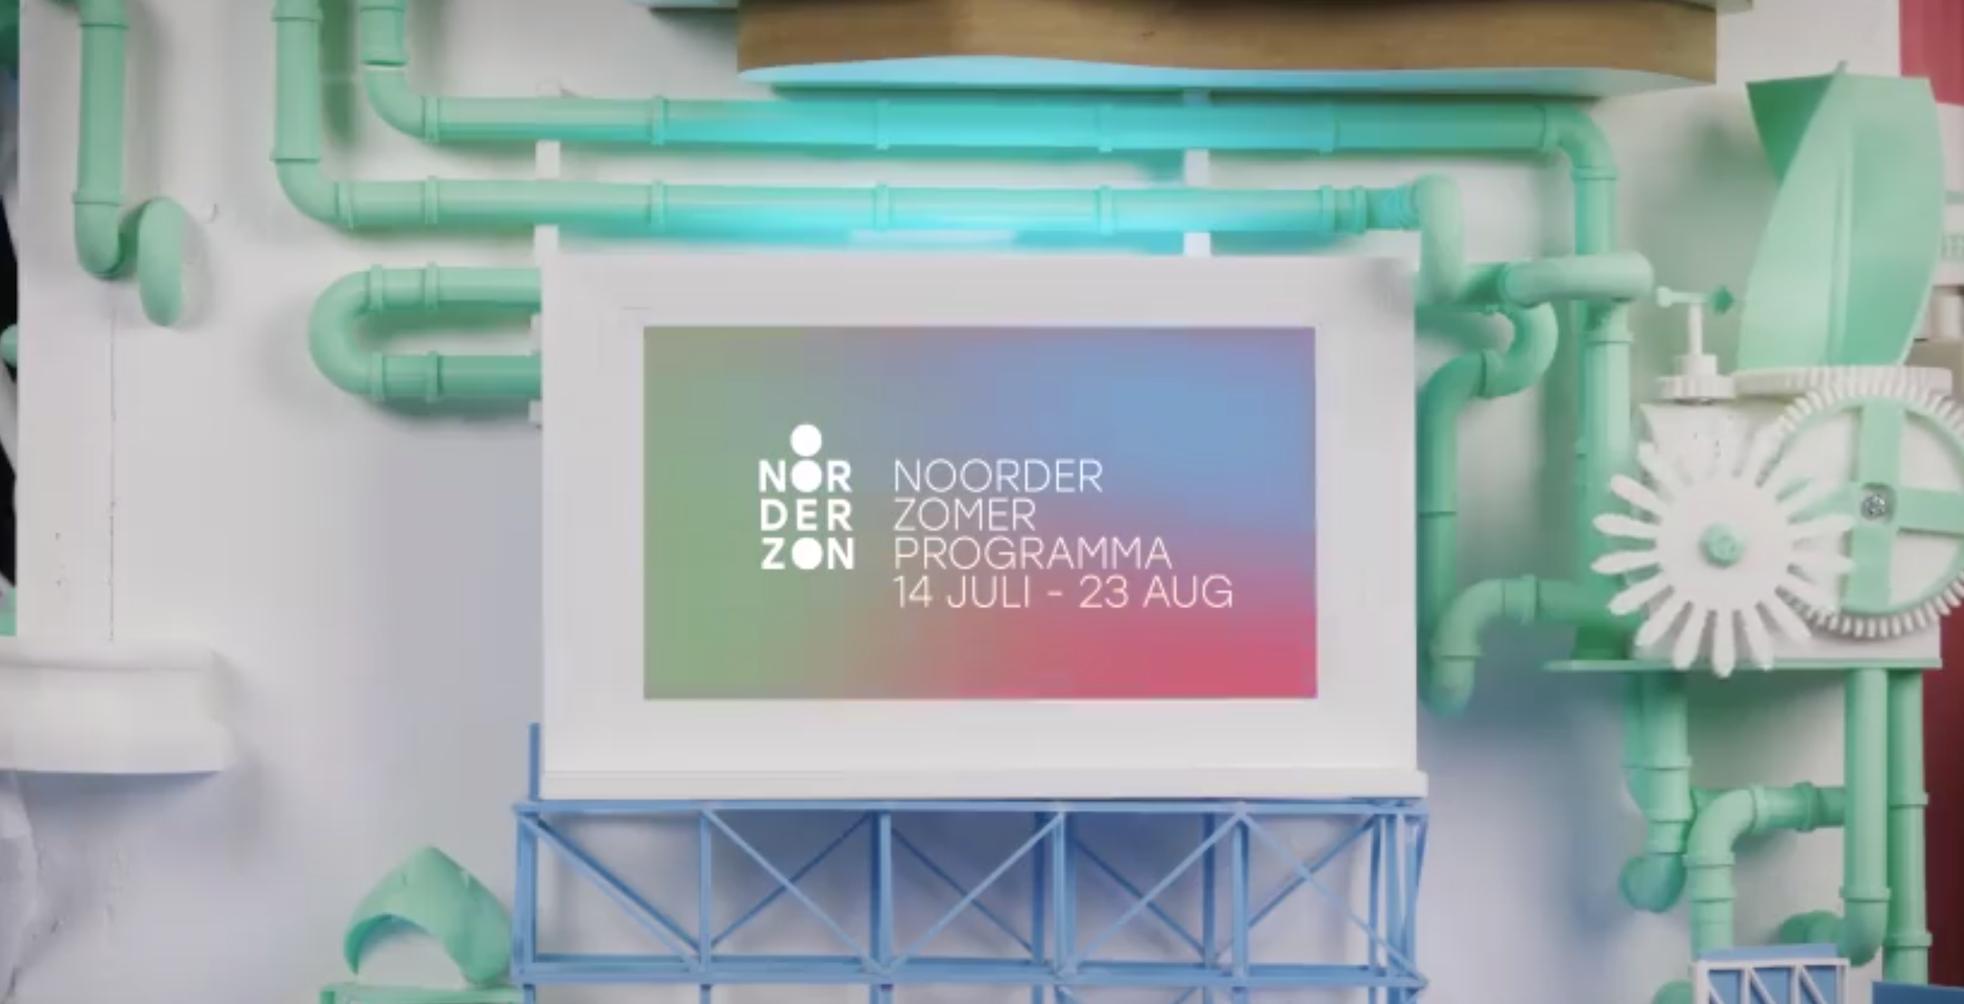 NoorderZomerProgramma van Noorderzon - Here & Now in Groningen